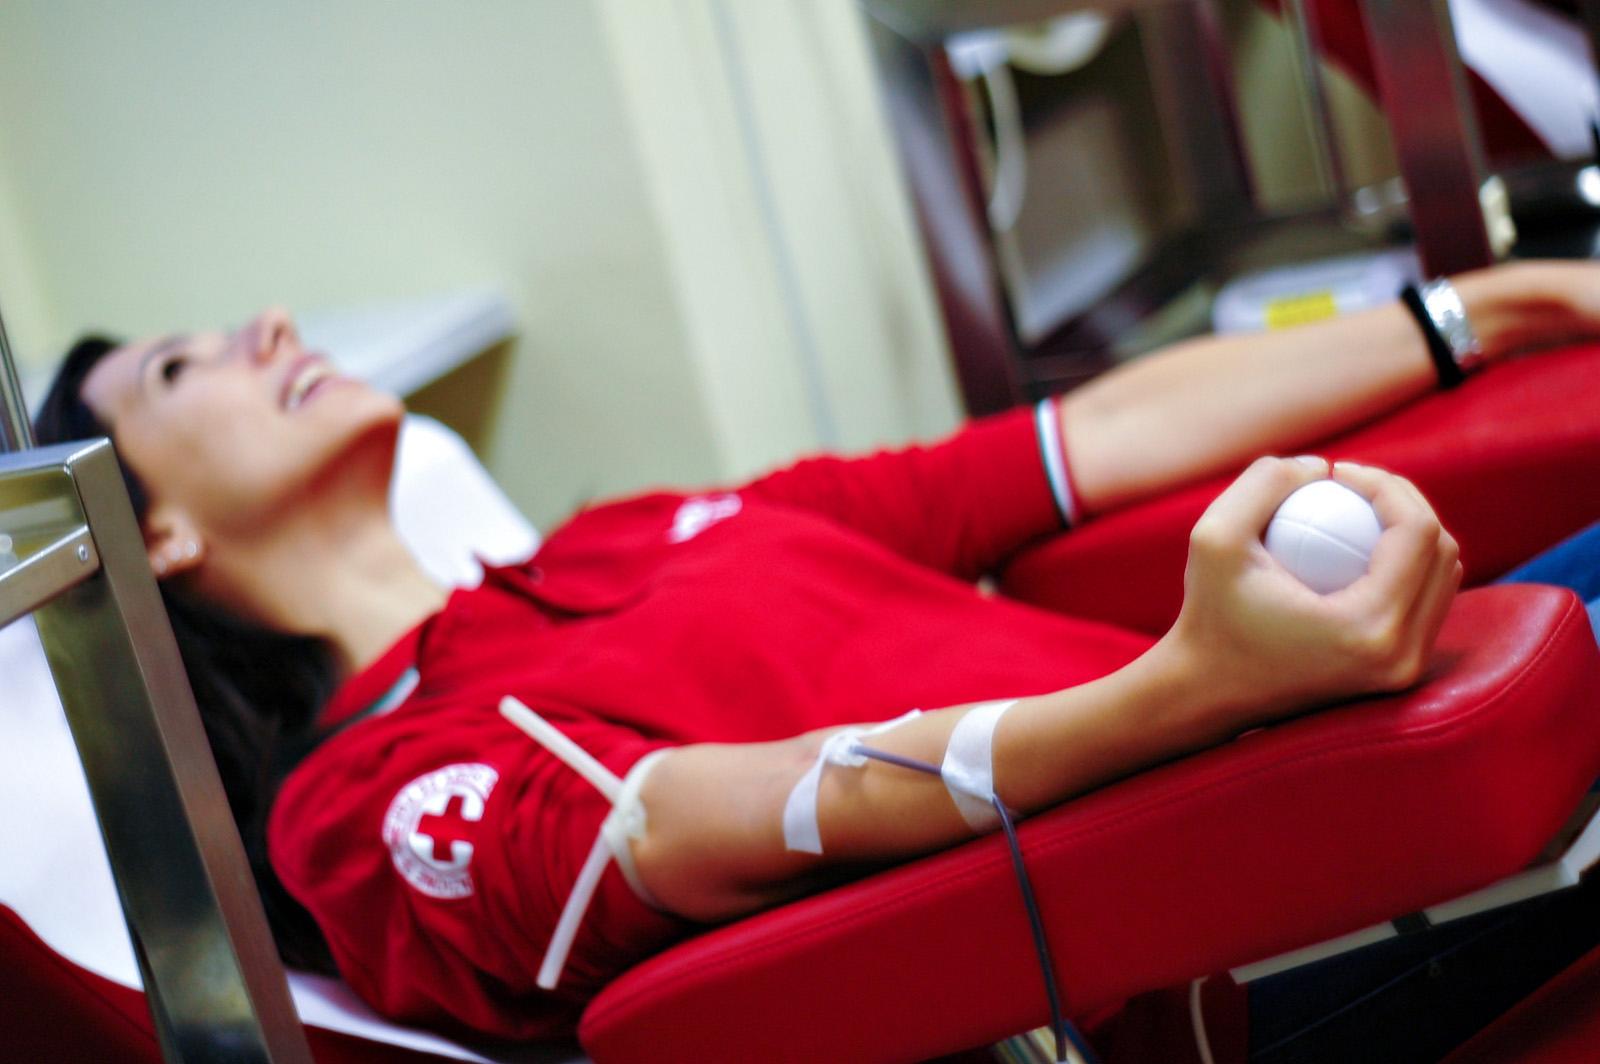 Raccolta e Donazione Sangue.Croce Rossa Italiana – Comitato Area Metropolitana di Roma Capitale.